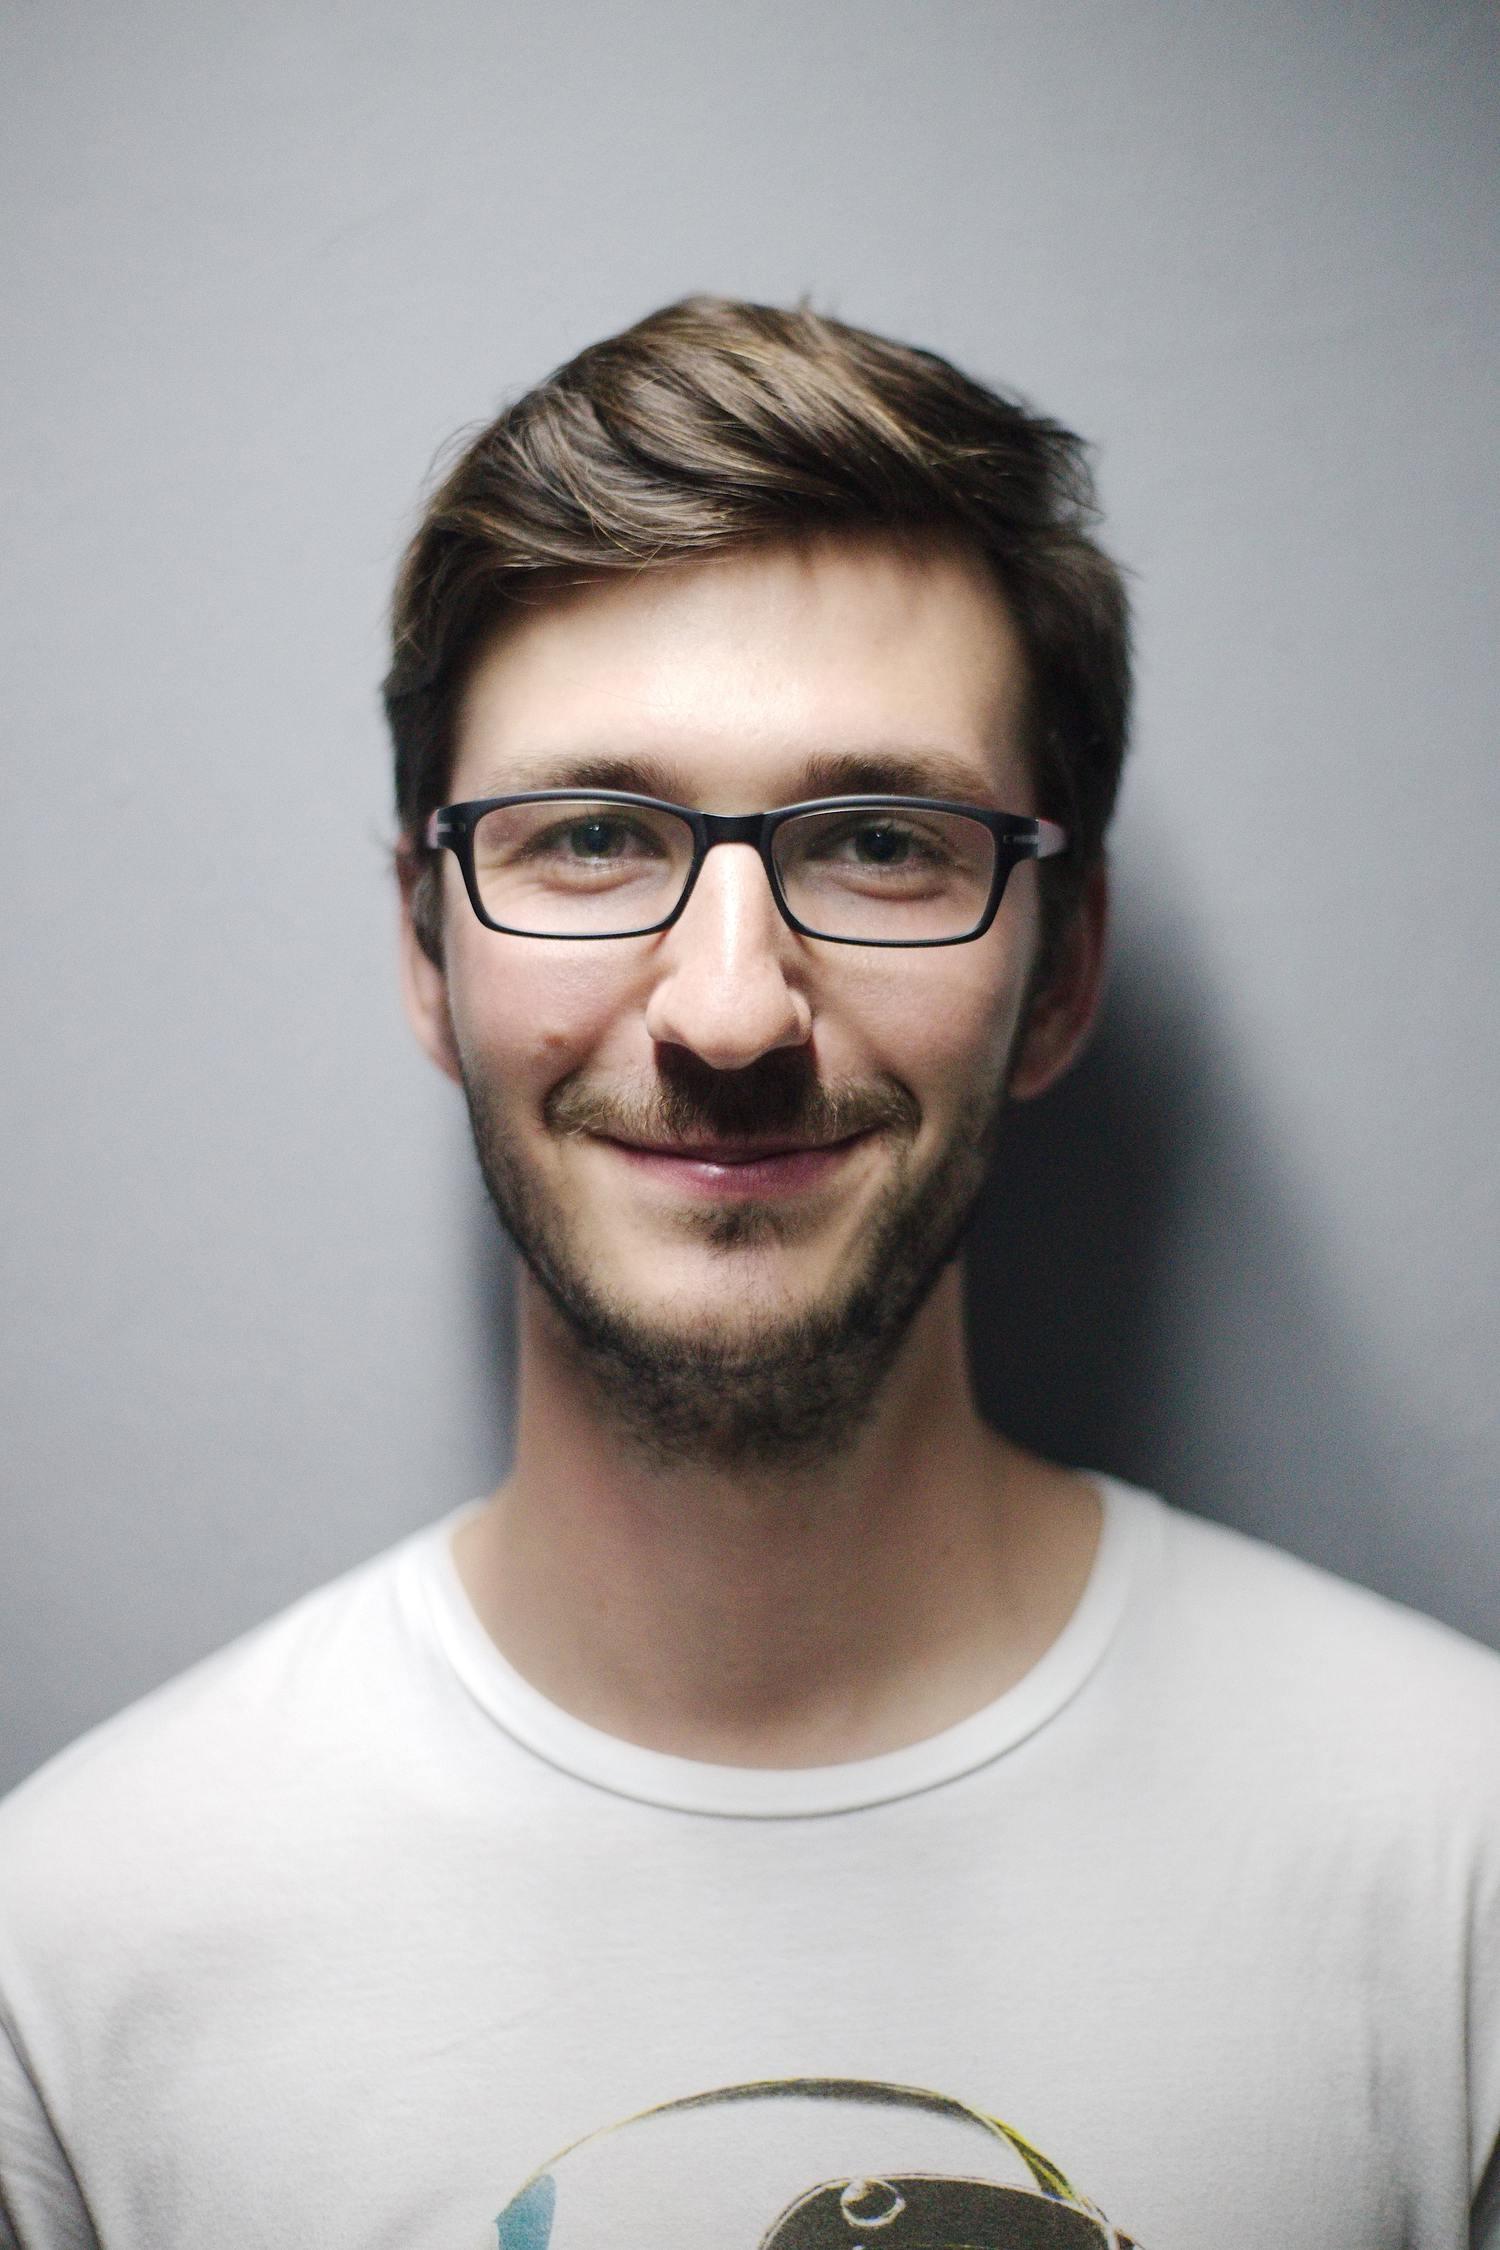 Retrato de un chico con barba